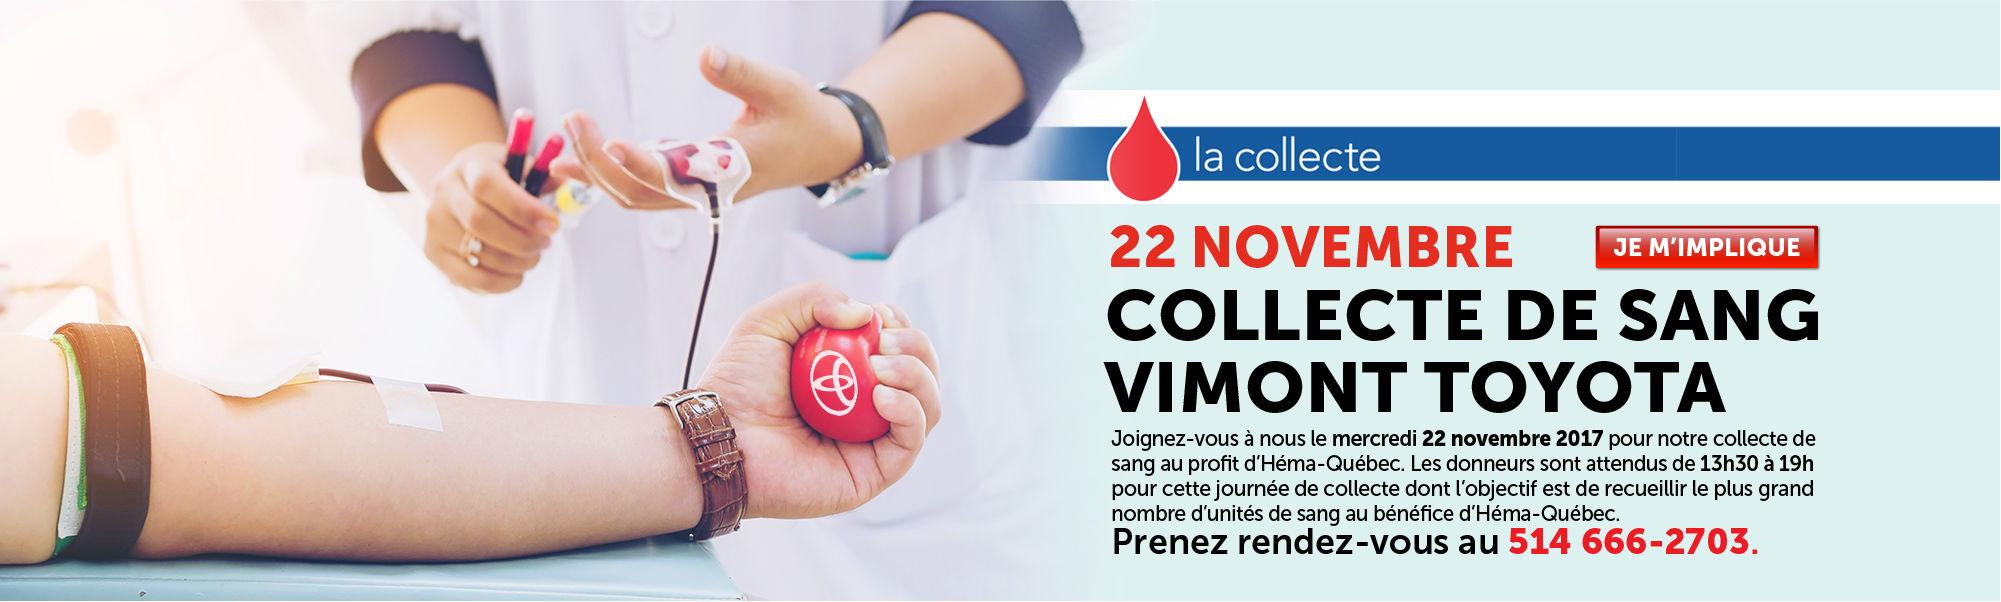 Collecte de sang Vimont Toyota Laval